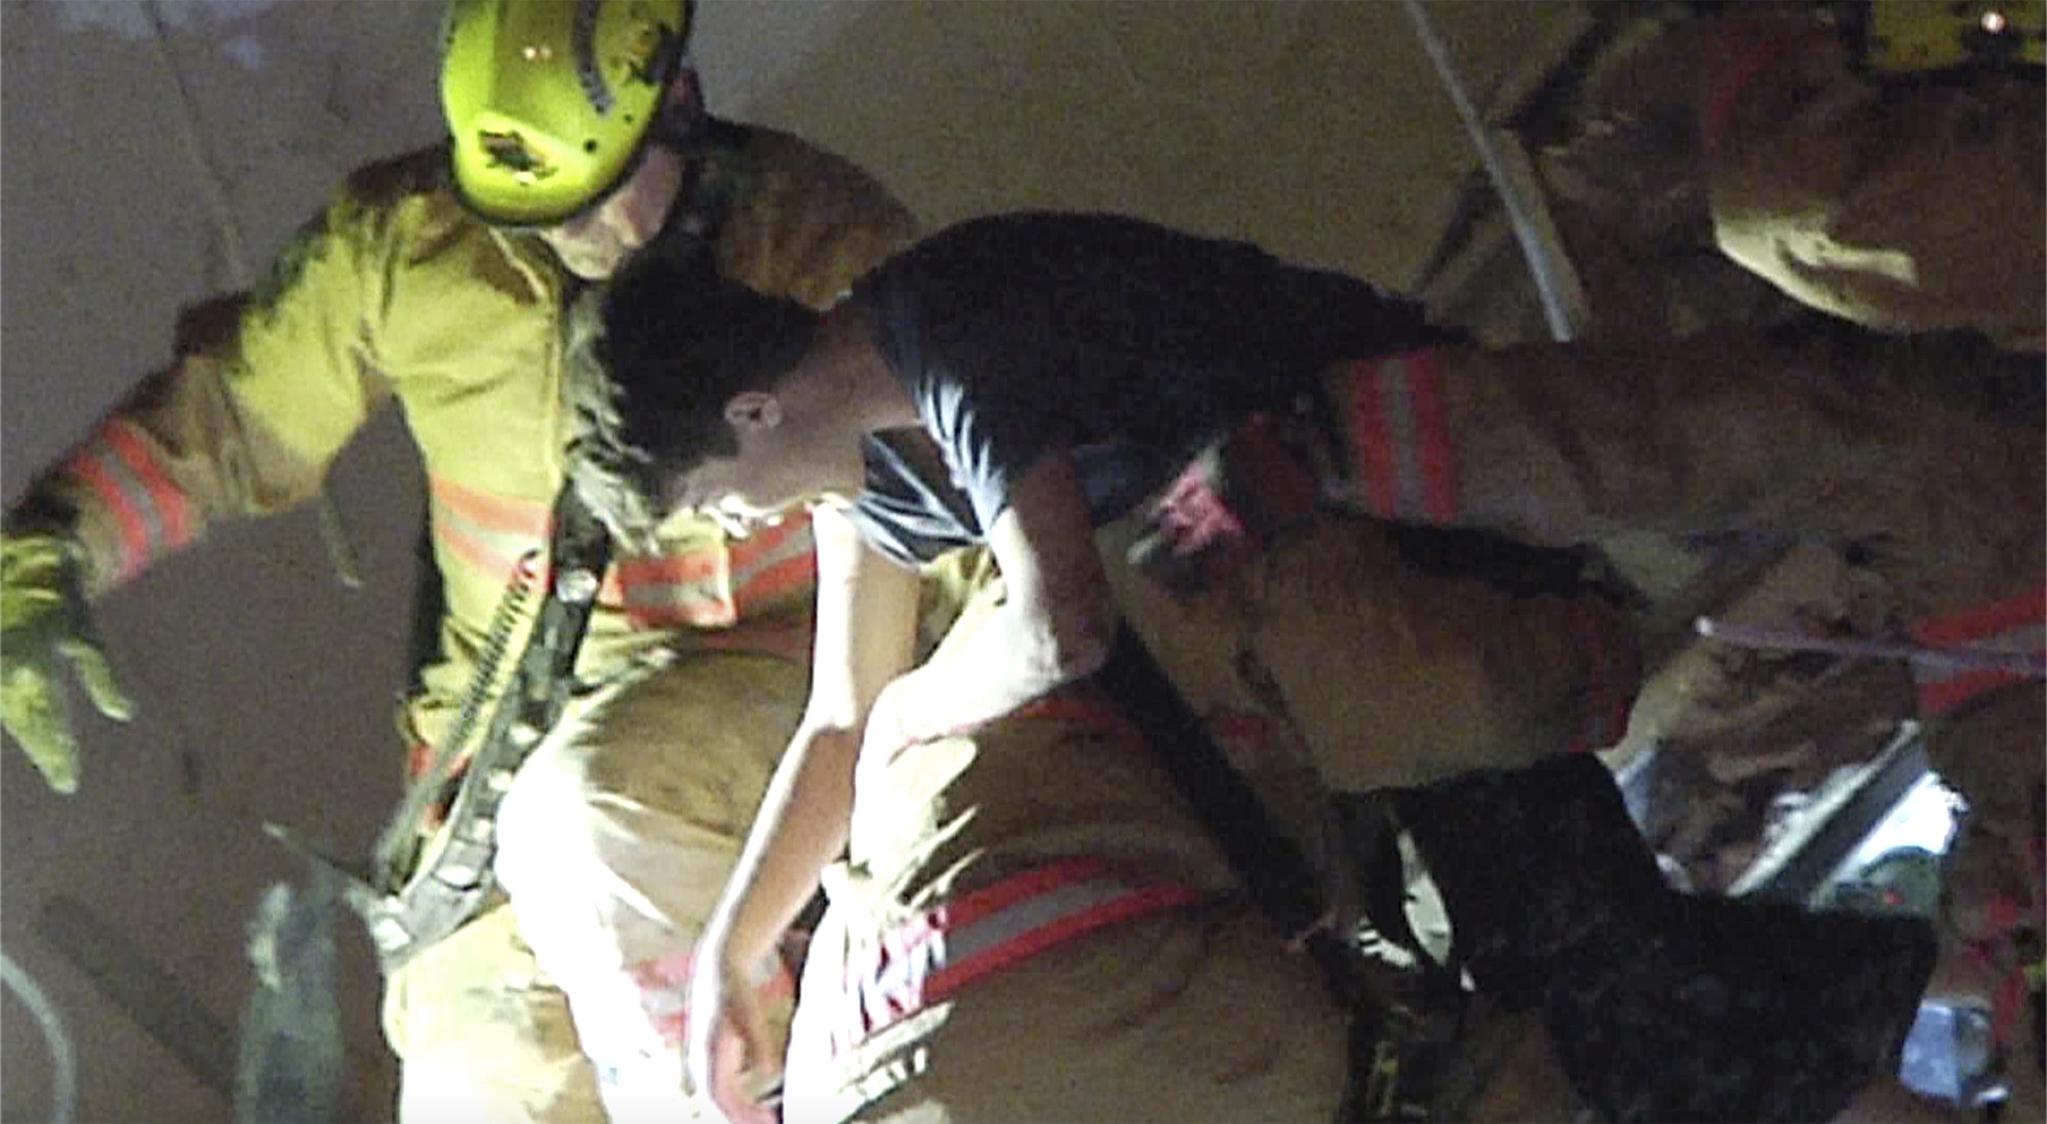 24일(현지시각) 미국 마이애미주 서퍼사이드 아파트 붕괴사고 현장에서 구조대원들이 잔해 속에서 생존자를 구하고 있다. AP=연합뉴스